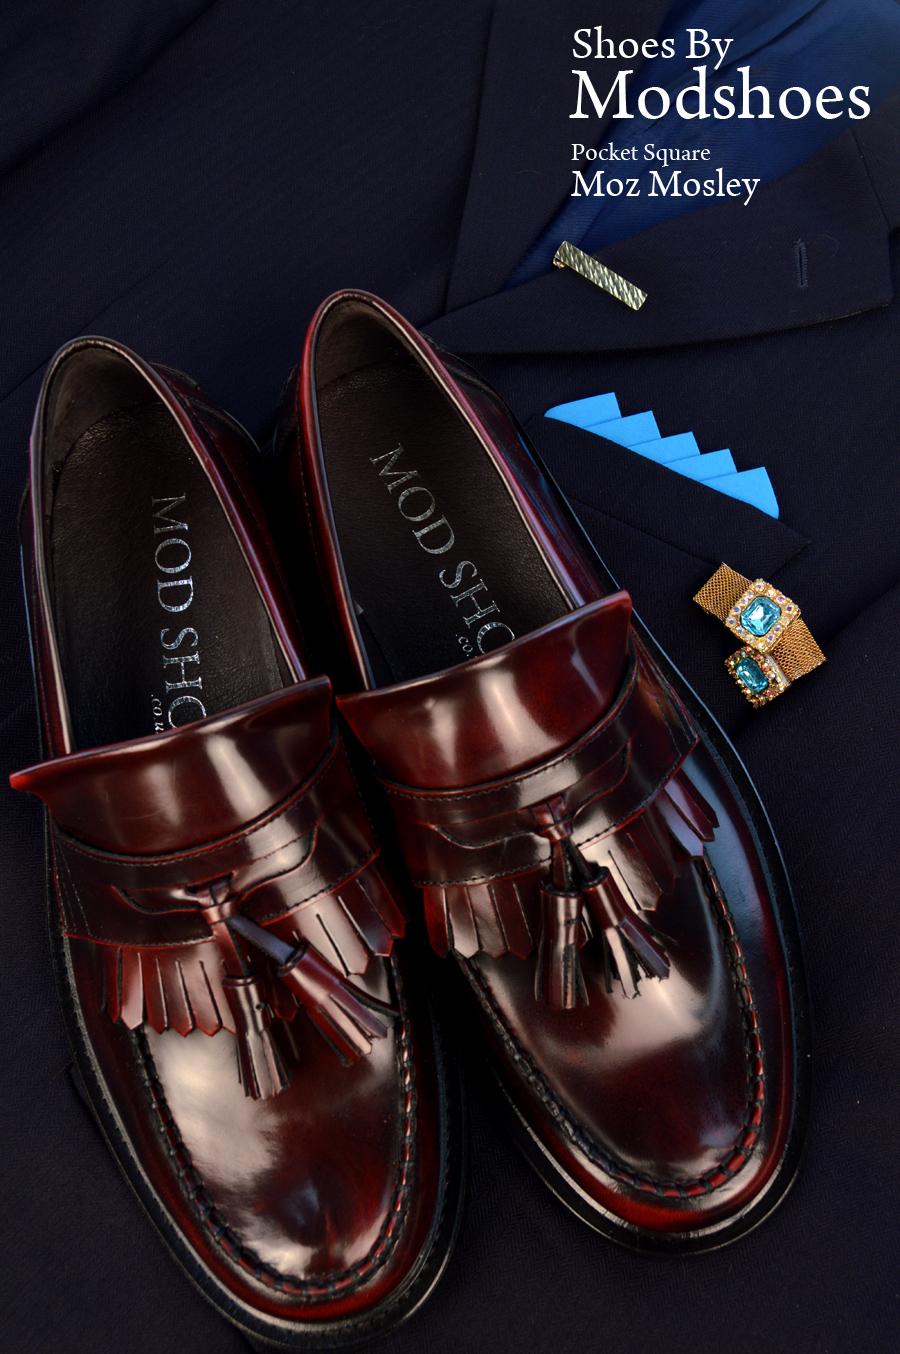 modshoes-oxblood-taassel-loafers-01